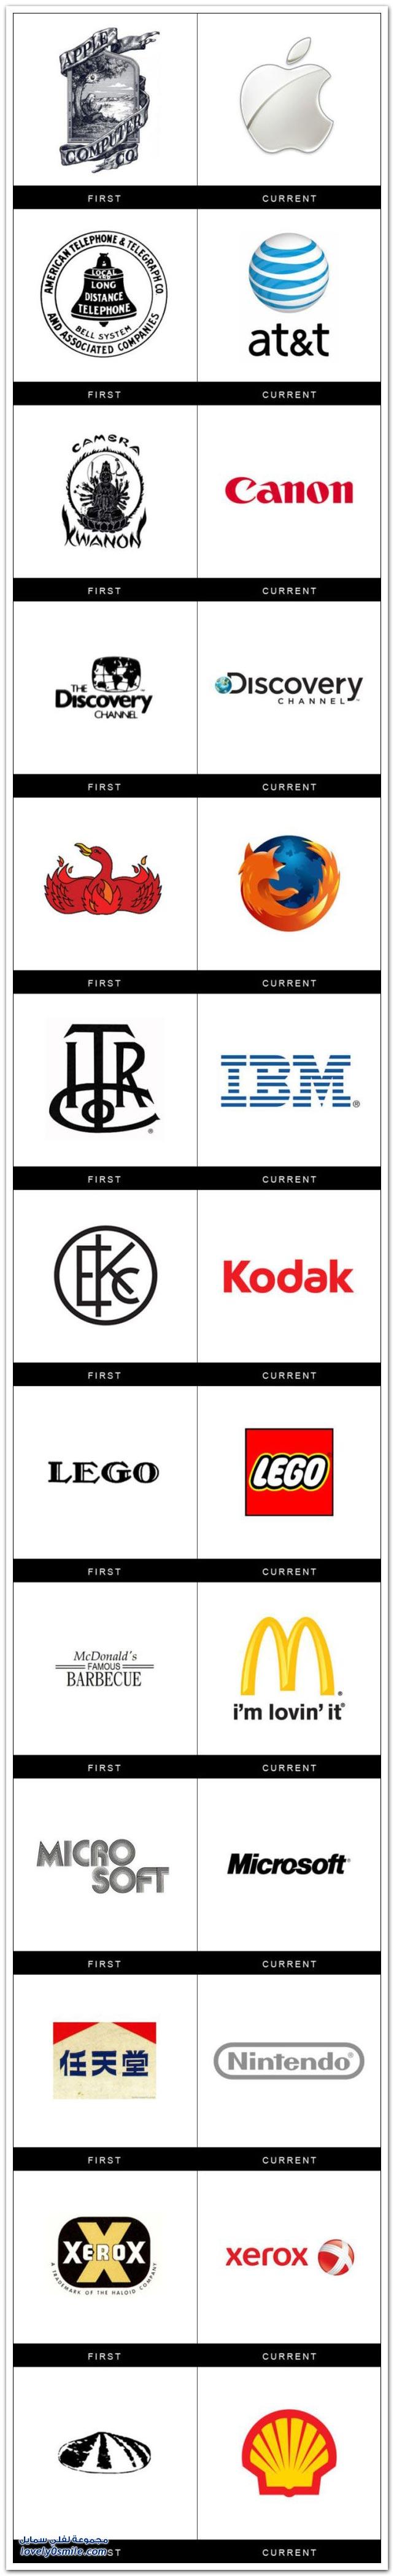 العلامات التجارية كيف كانت وكيف أصبحت